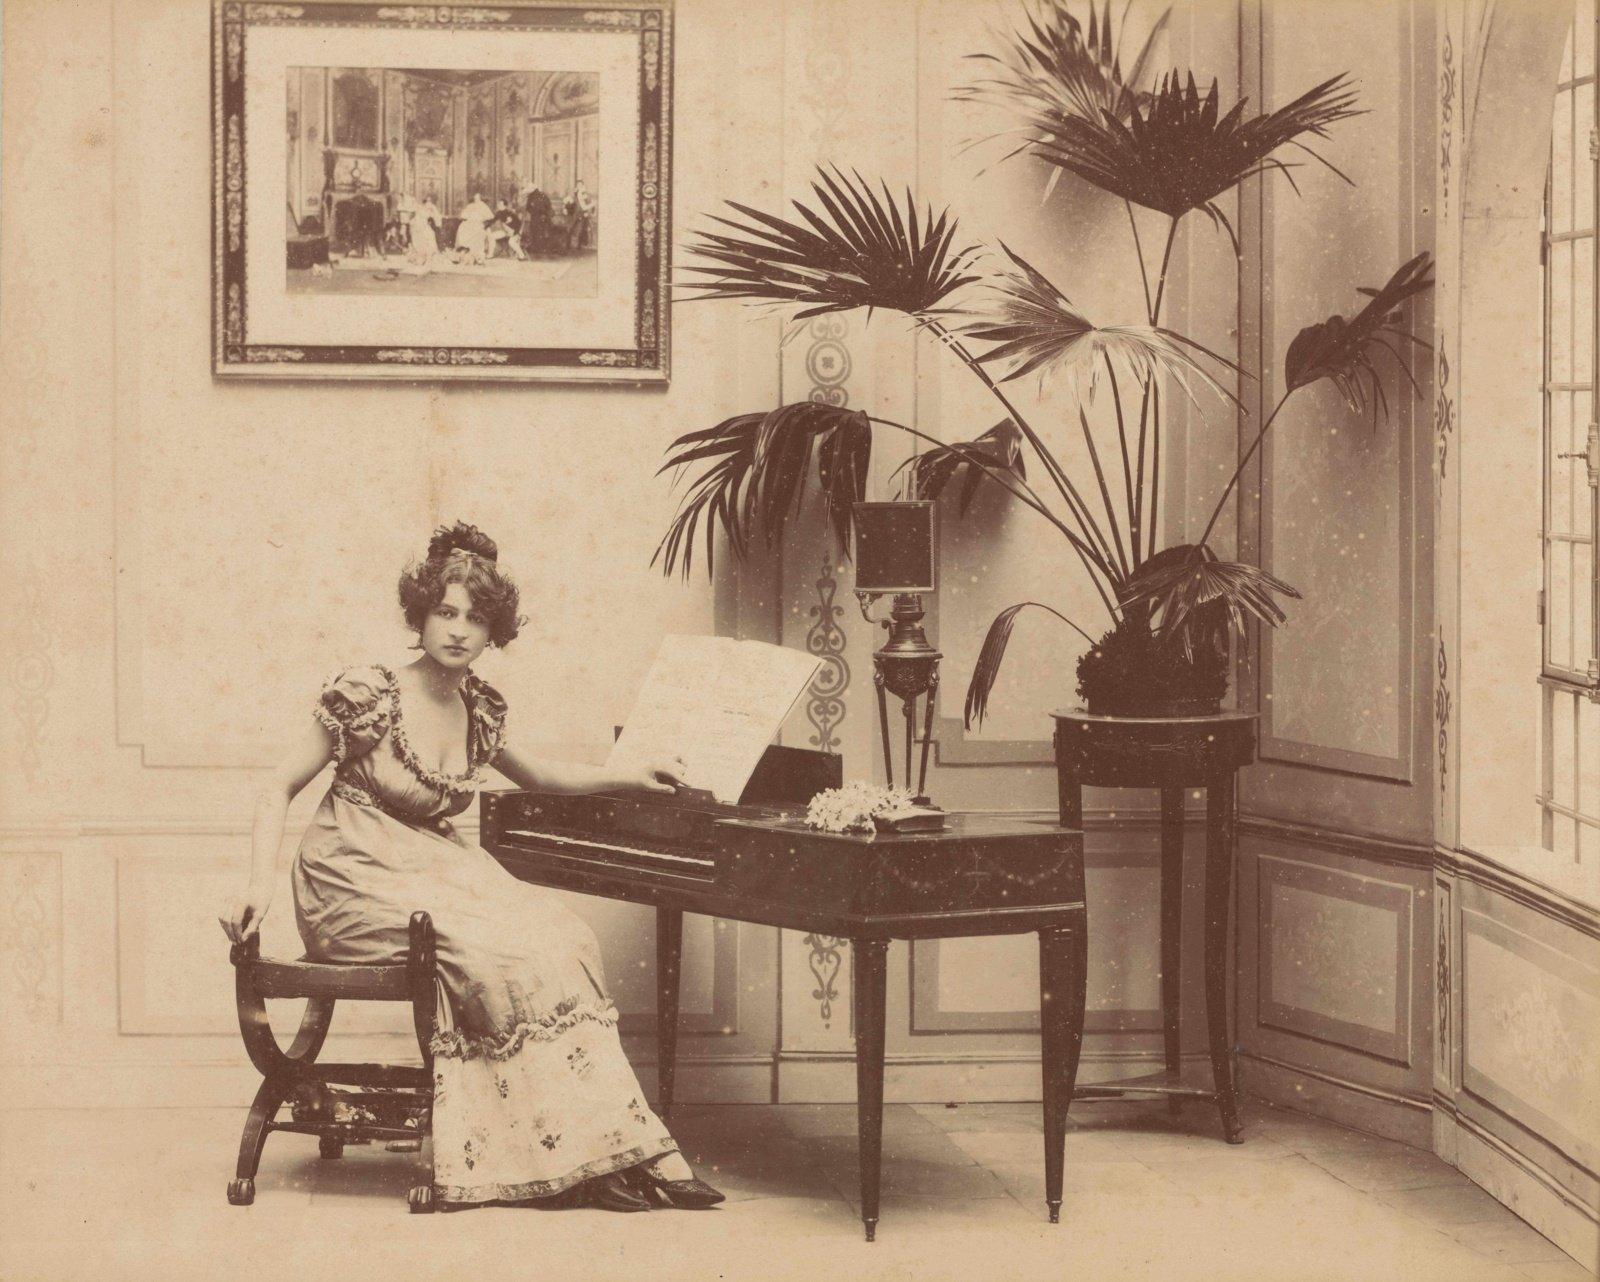 Fotografijos muziejuje pristatoma įžymiojo grafo Benedikto Henriko Tiškevičiaus fotografijų knyga ir jo kūrybai skirta interaktyvi paroda